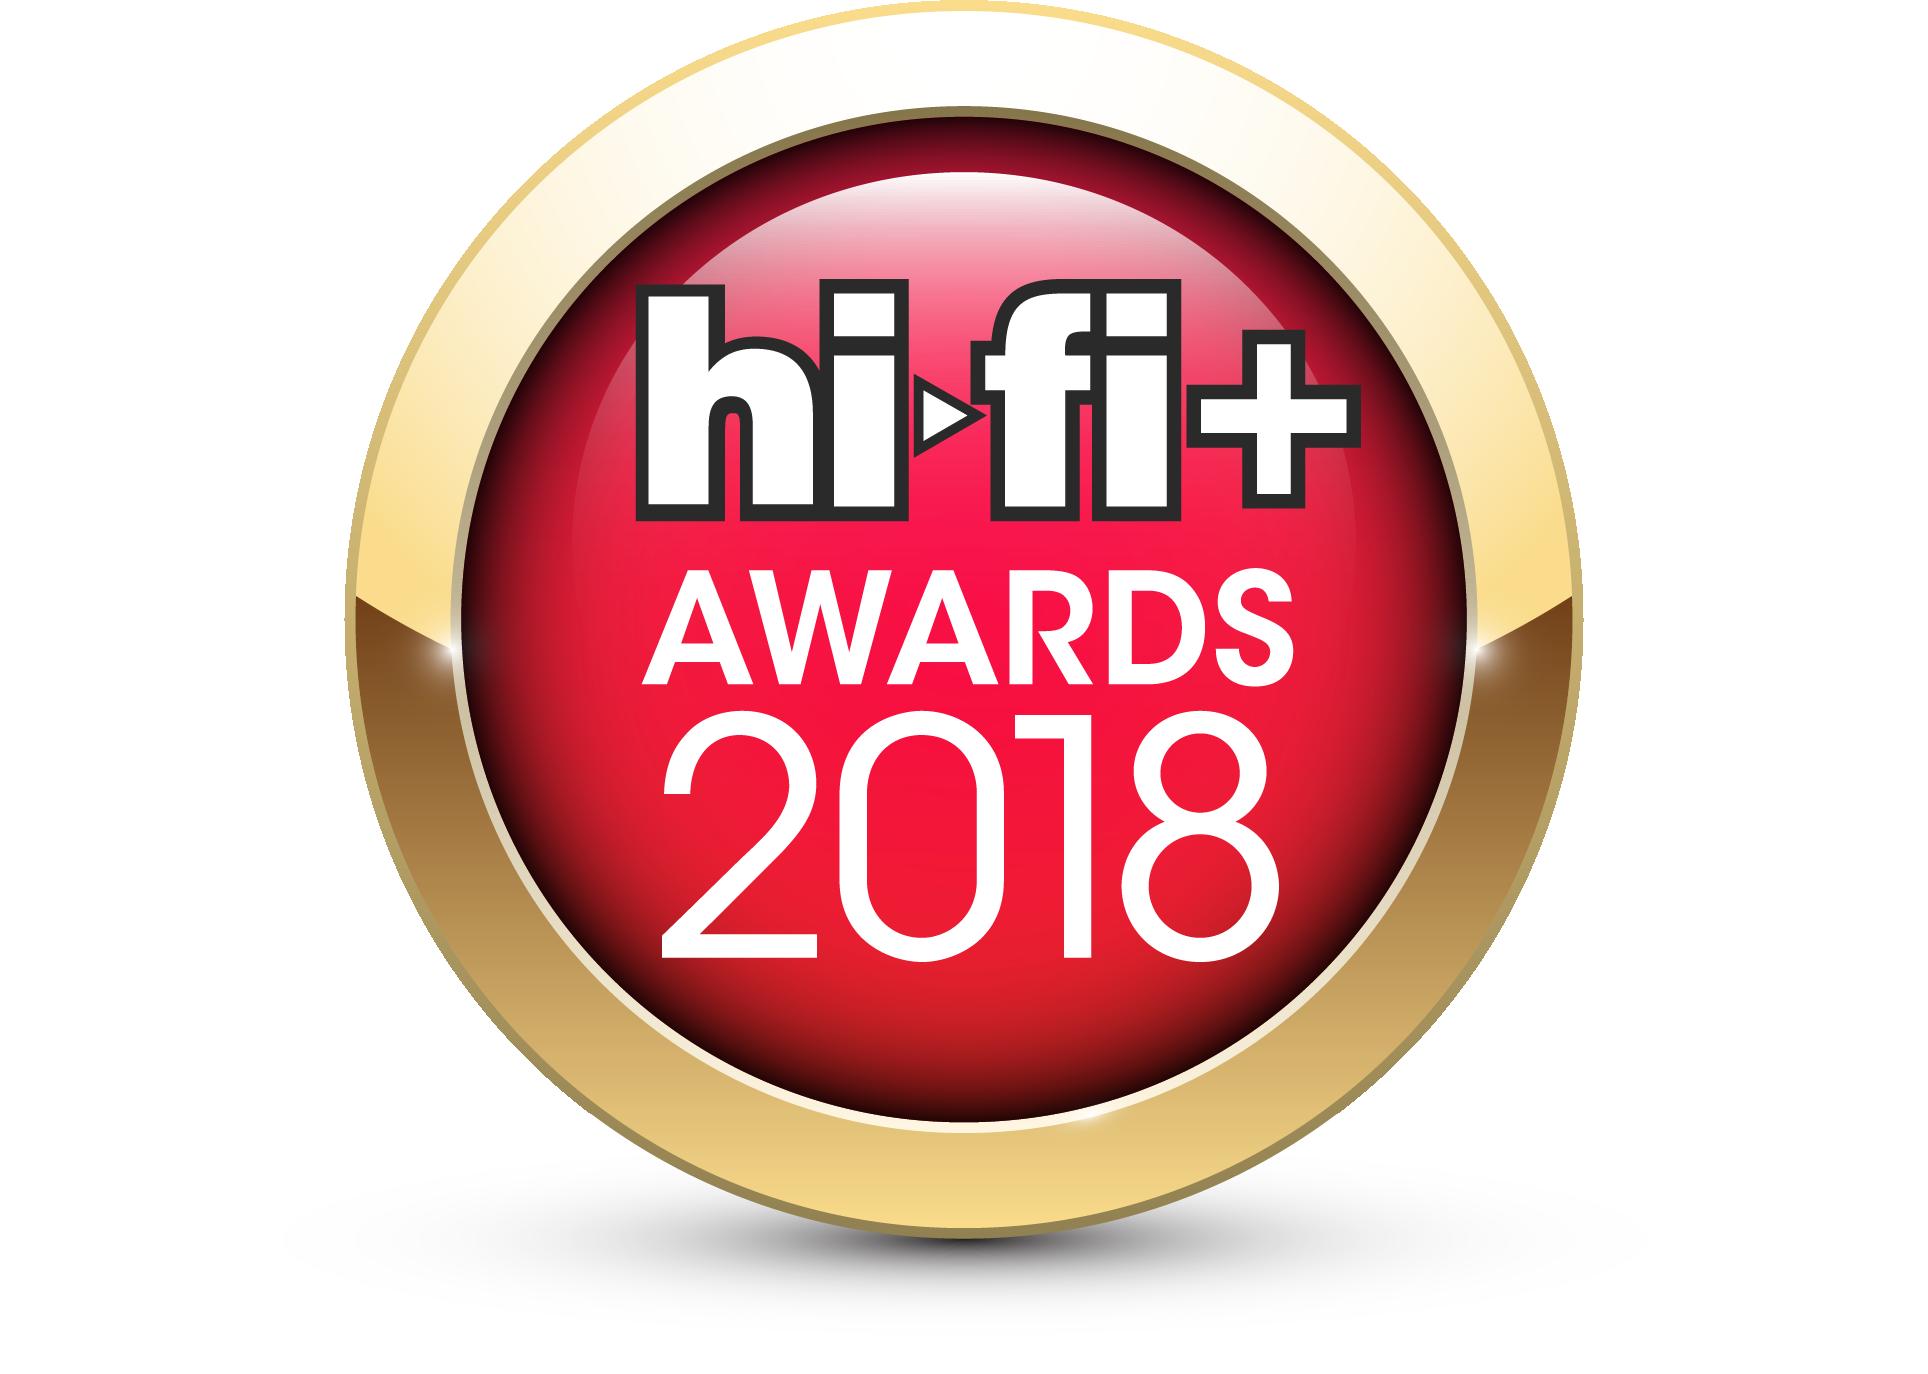 HiFi+_Awards_166_2108.png